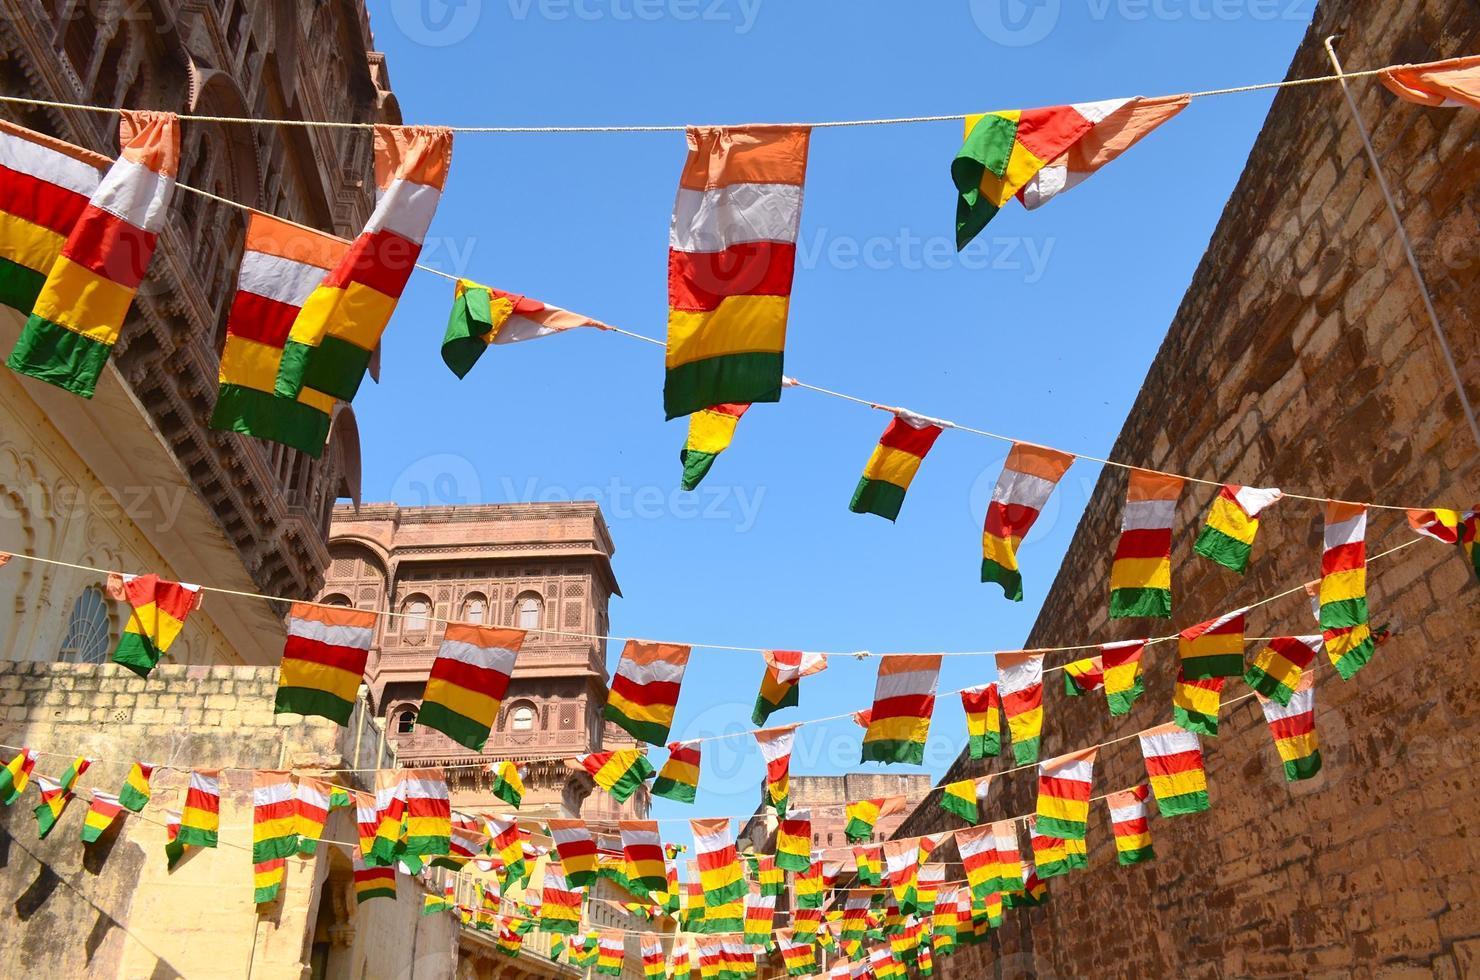 indisk festival foto